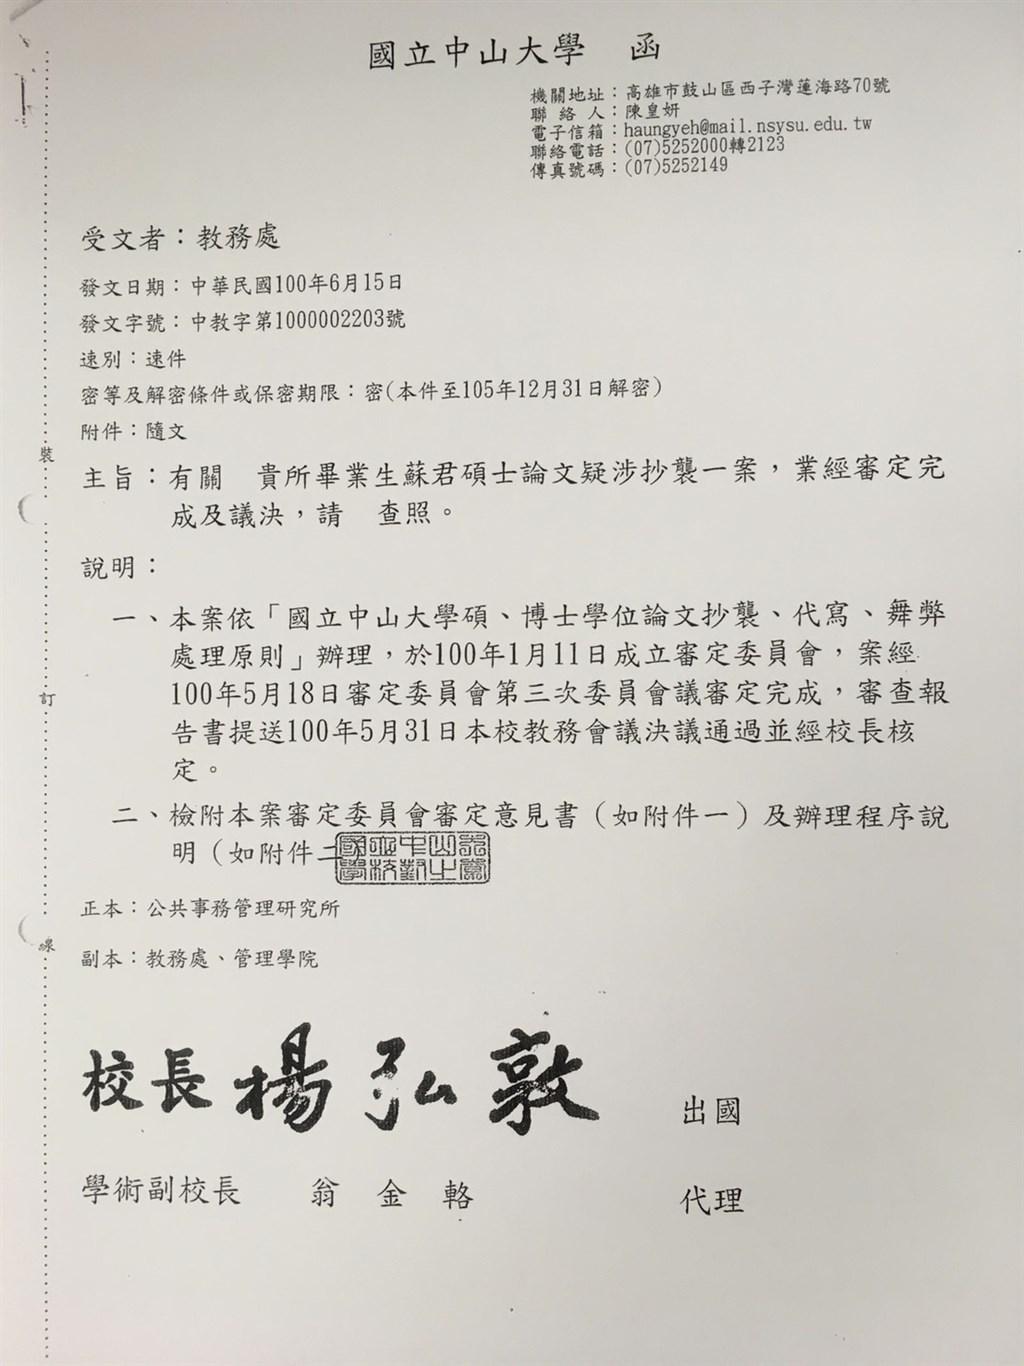 總統府秘書長蘇嘉全辦公室24日表示,中山大學曾組審定委員會最終議決,蘇嘉全碩士論文未有抄襲行為。(蘇嘉全辦公室提供)